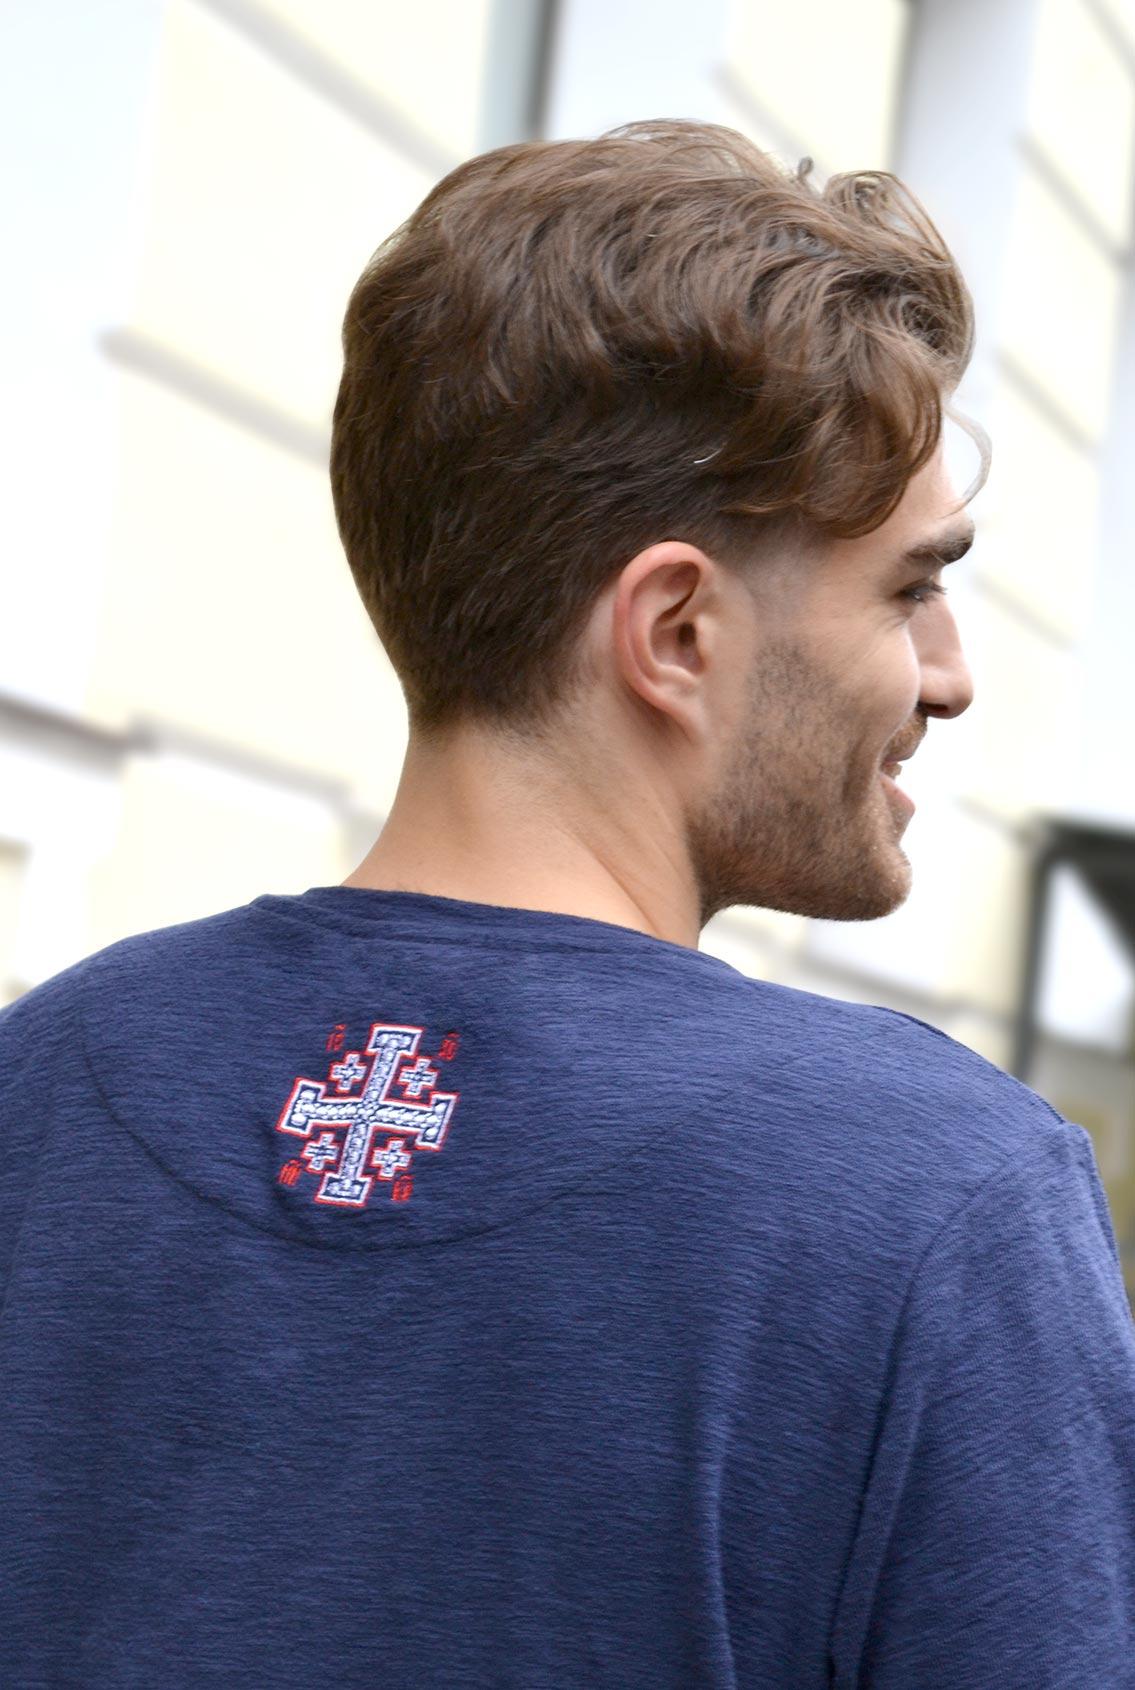 футболка с христианскими символами